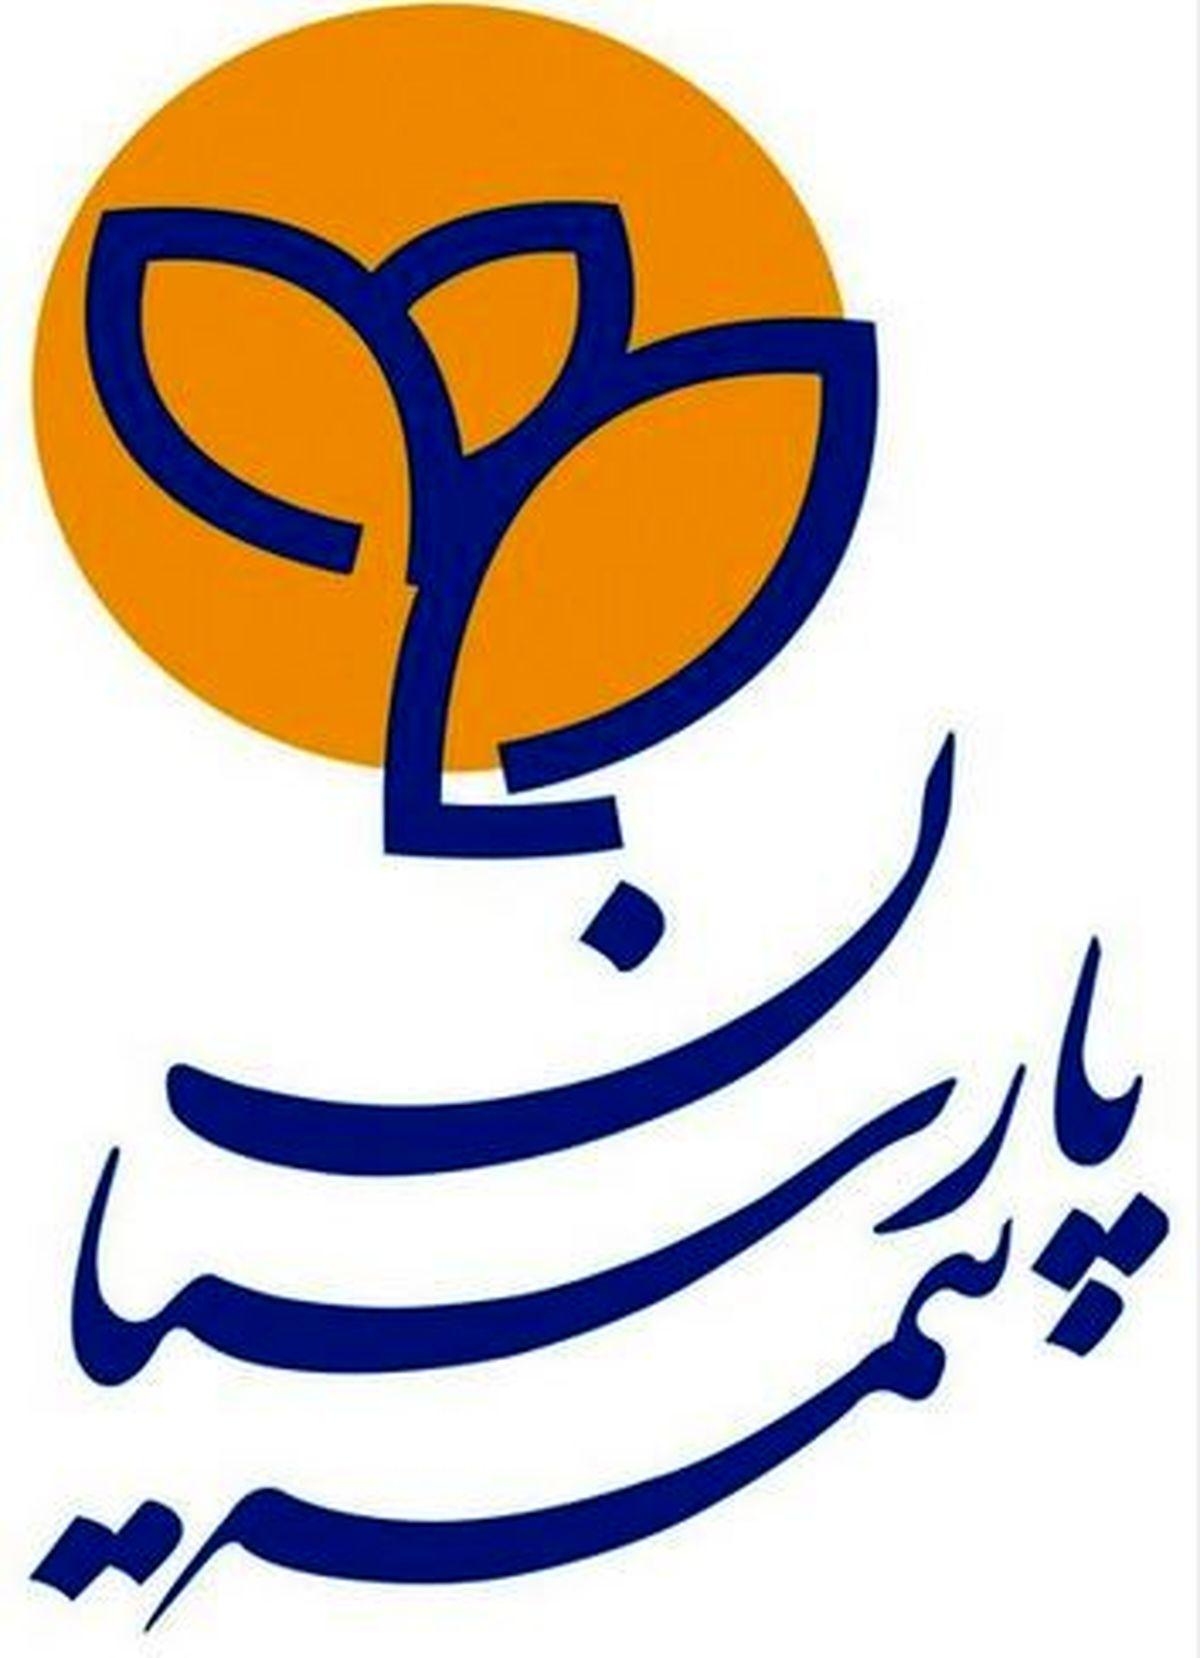 رتبه نخست بیمه پارسیان در ظرفیت مجاز قبولی اتکایی